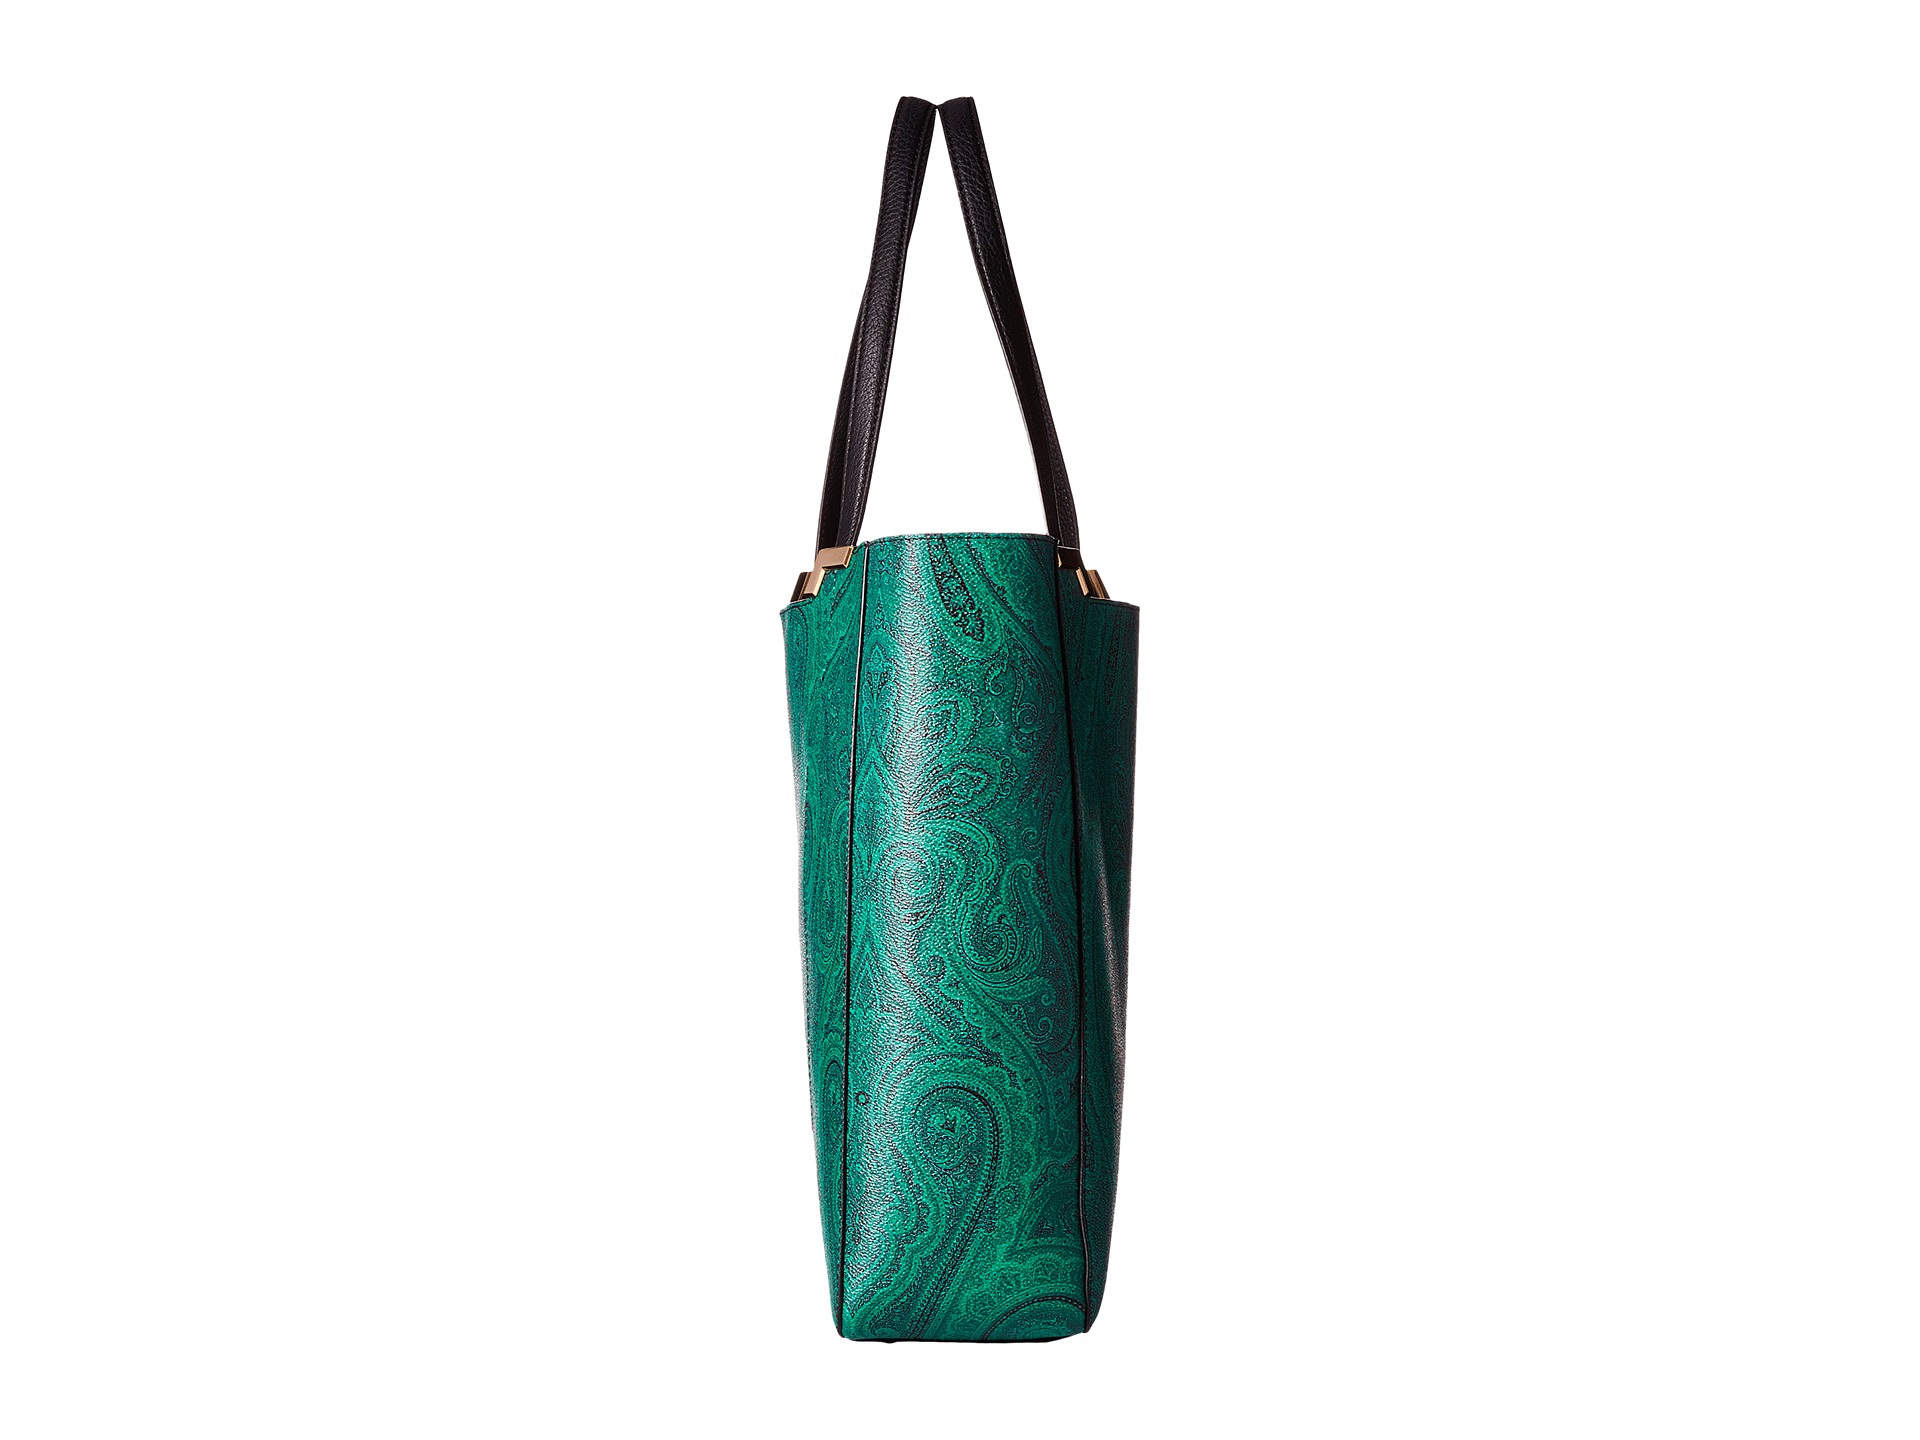 e726db3952 Lyst - Lauren by Ralph Lauren Acadia Paisley Tote in Green